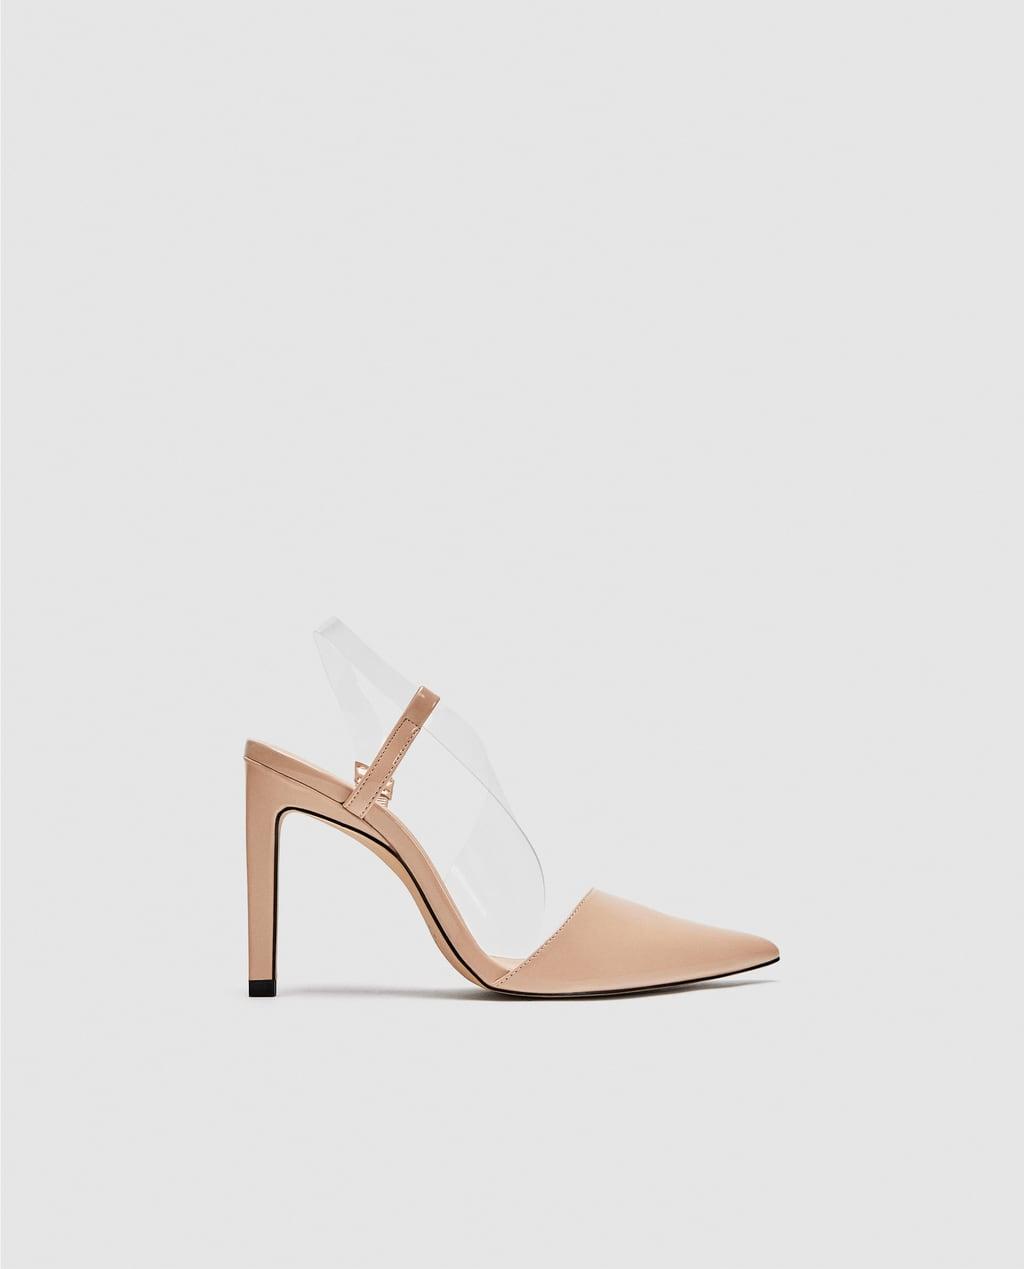 PetőfiLIVE nőnek szüksége 10 amire van cipőfazon minden OgxxYatq